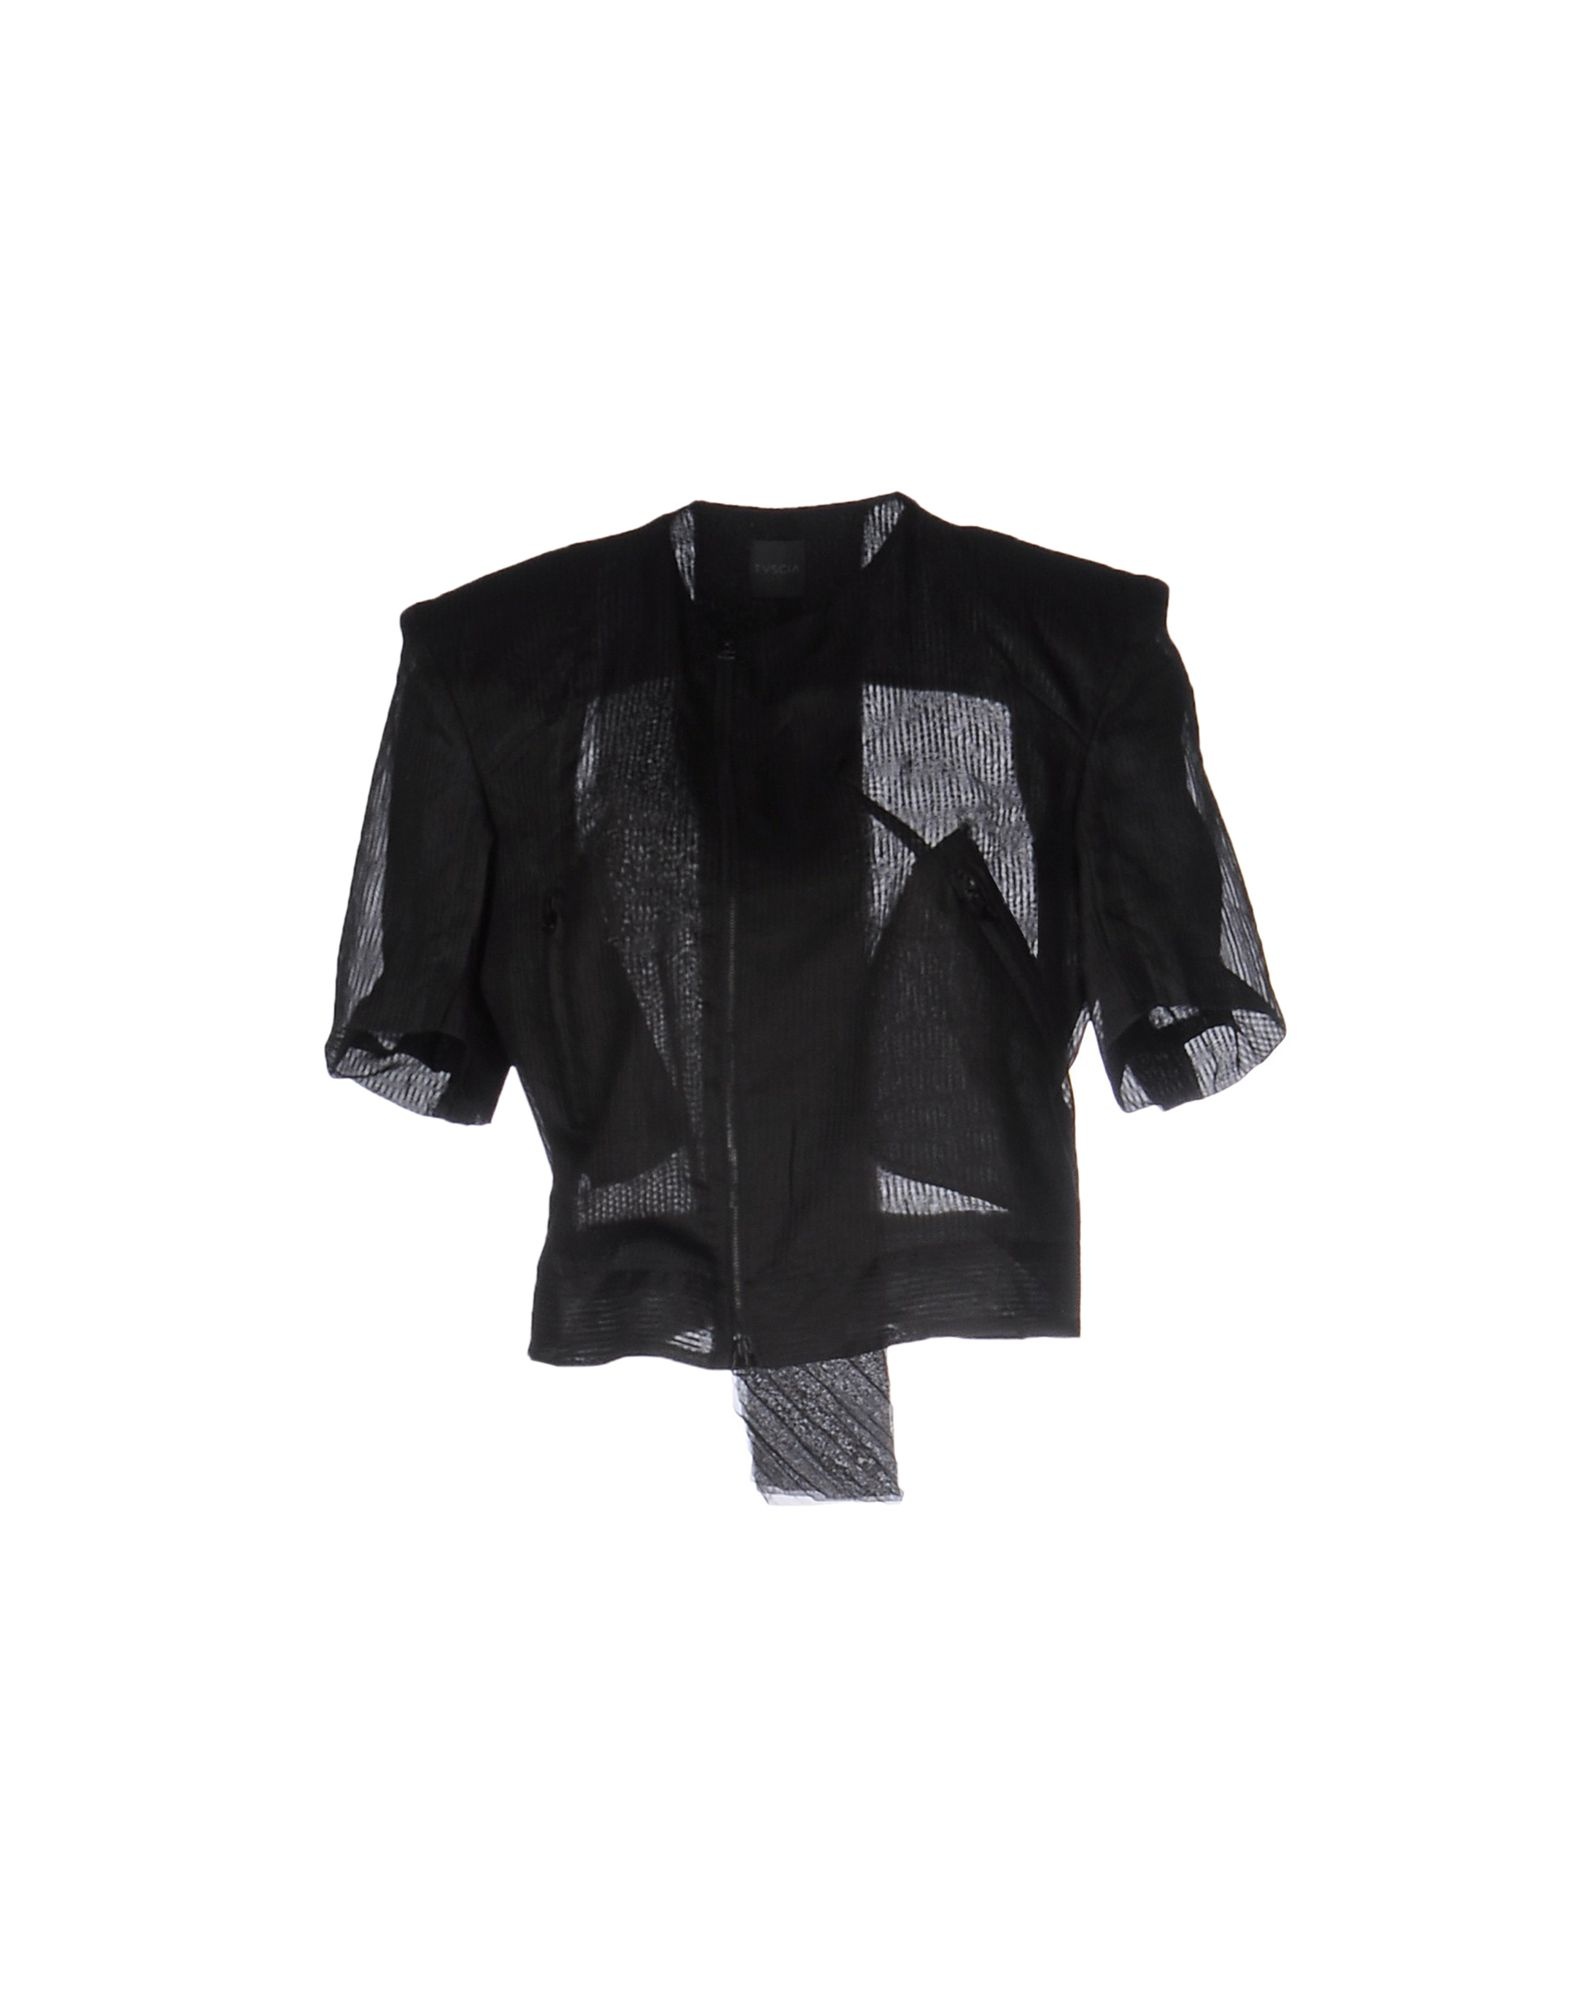 TVSCIA Blazer in Black